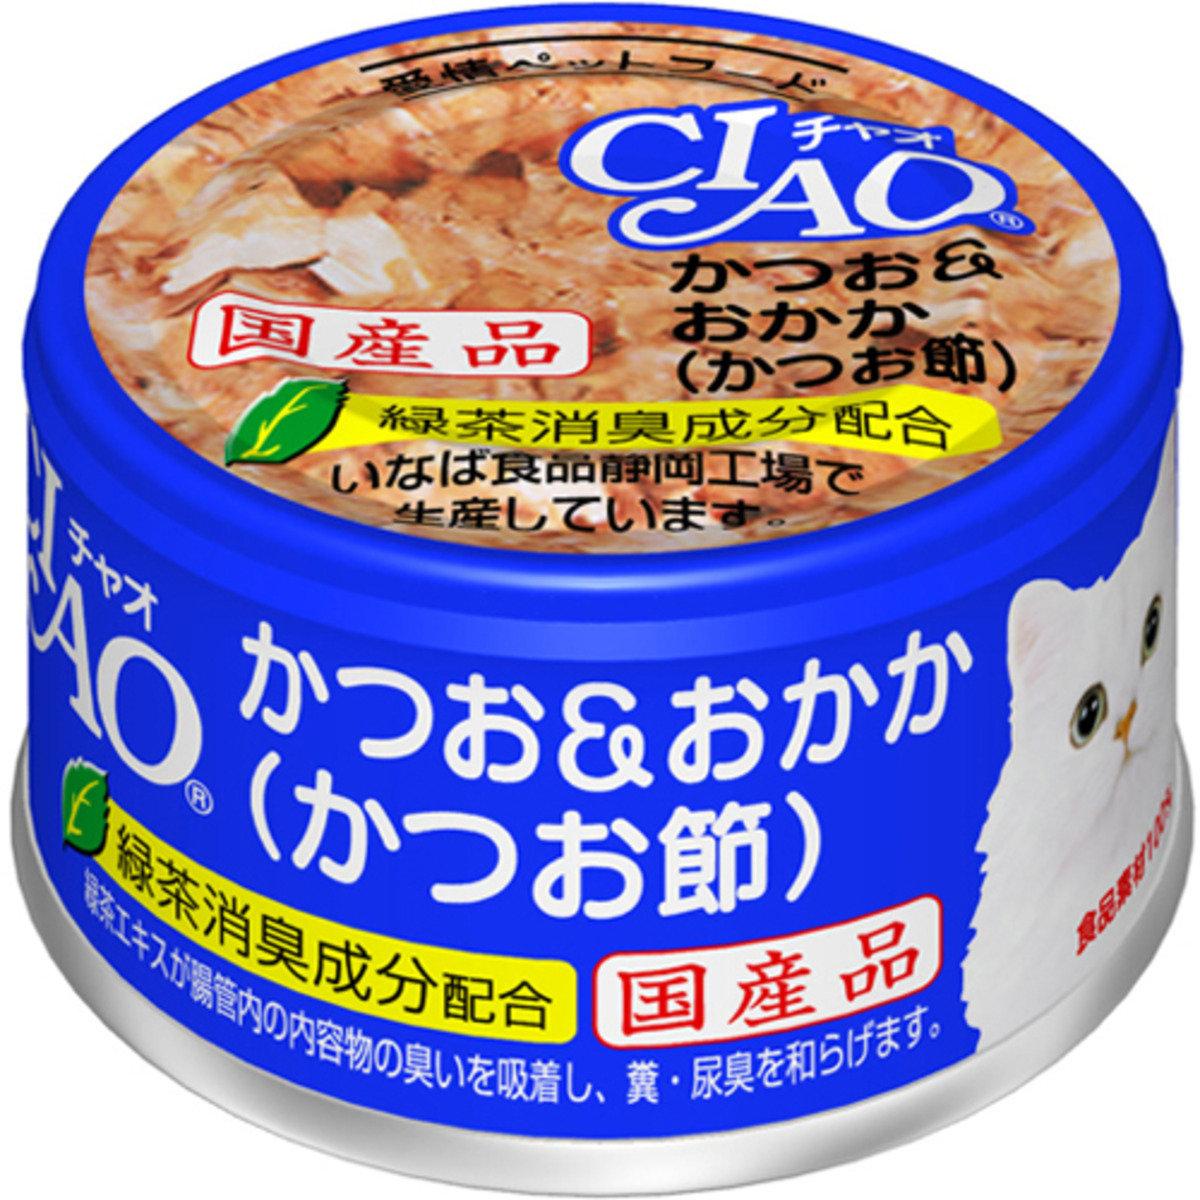 日本CIAO綠茶鰹魚鰹魚乾 A-10